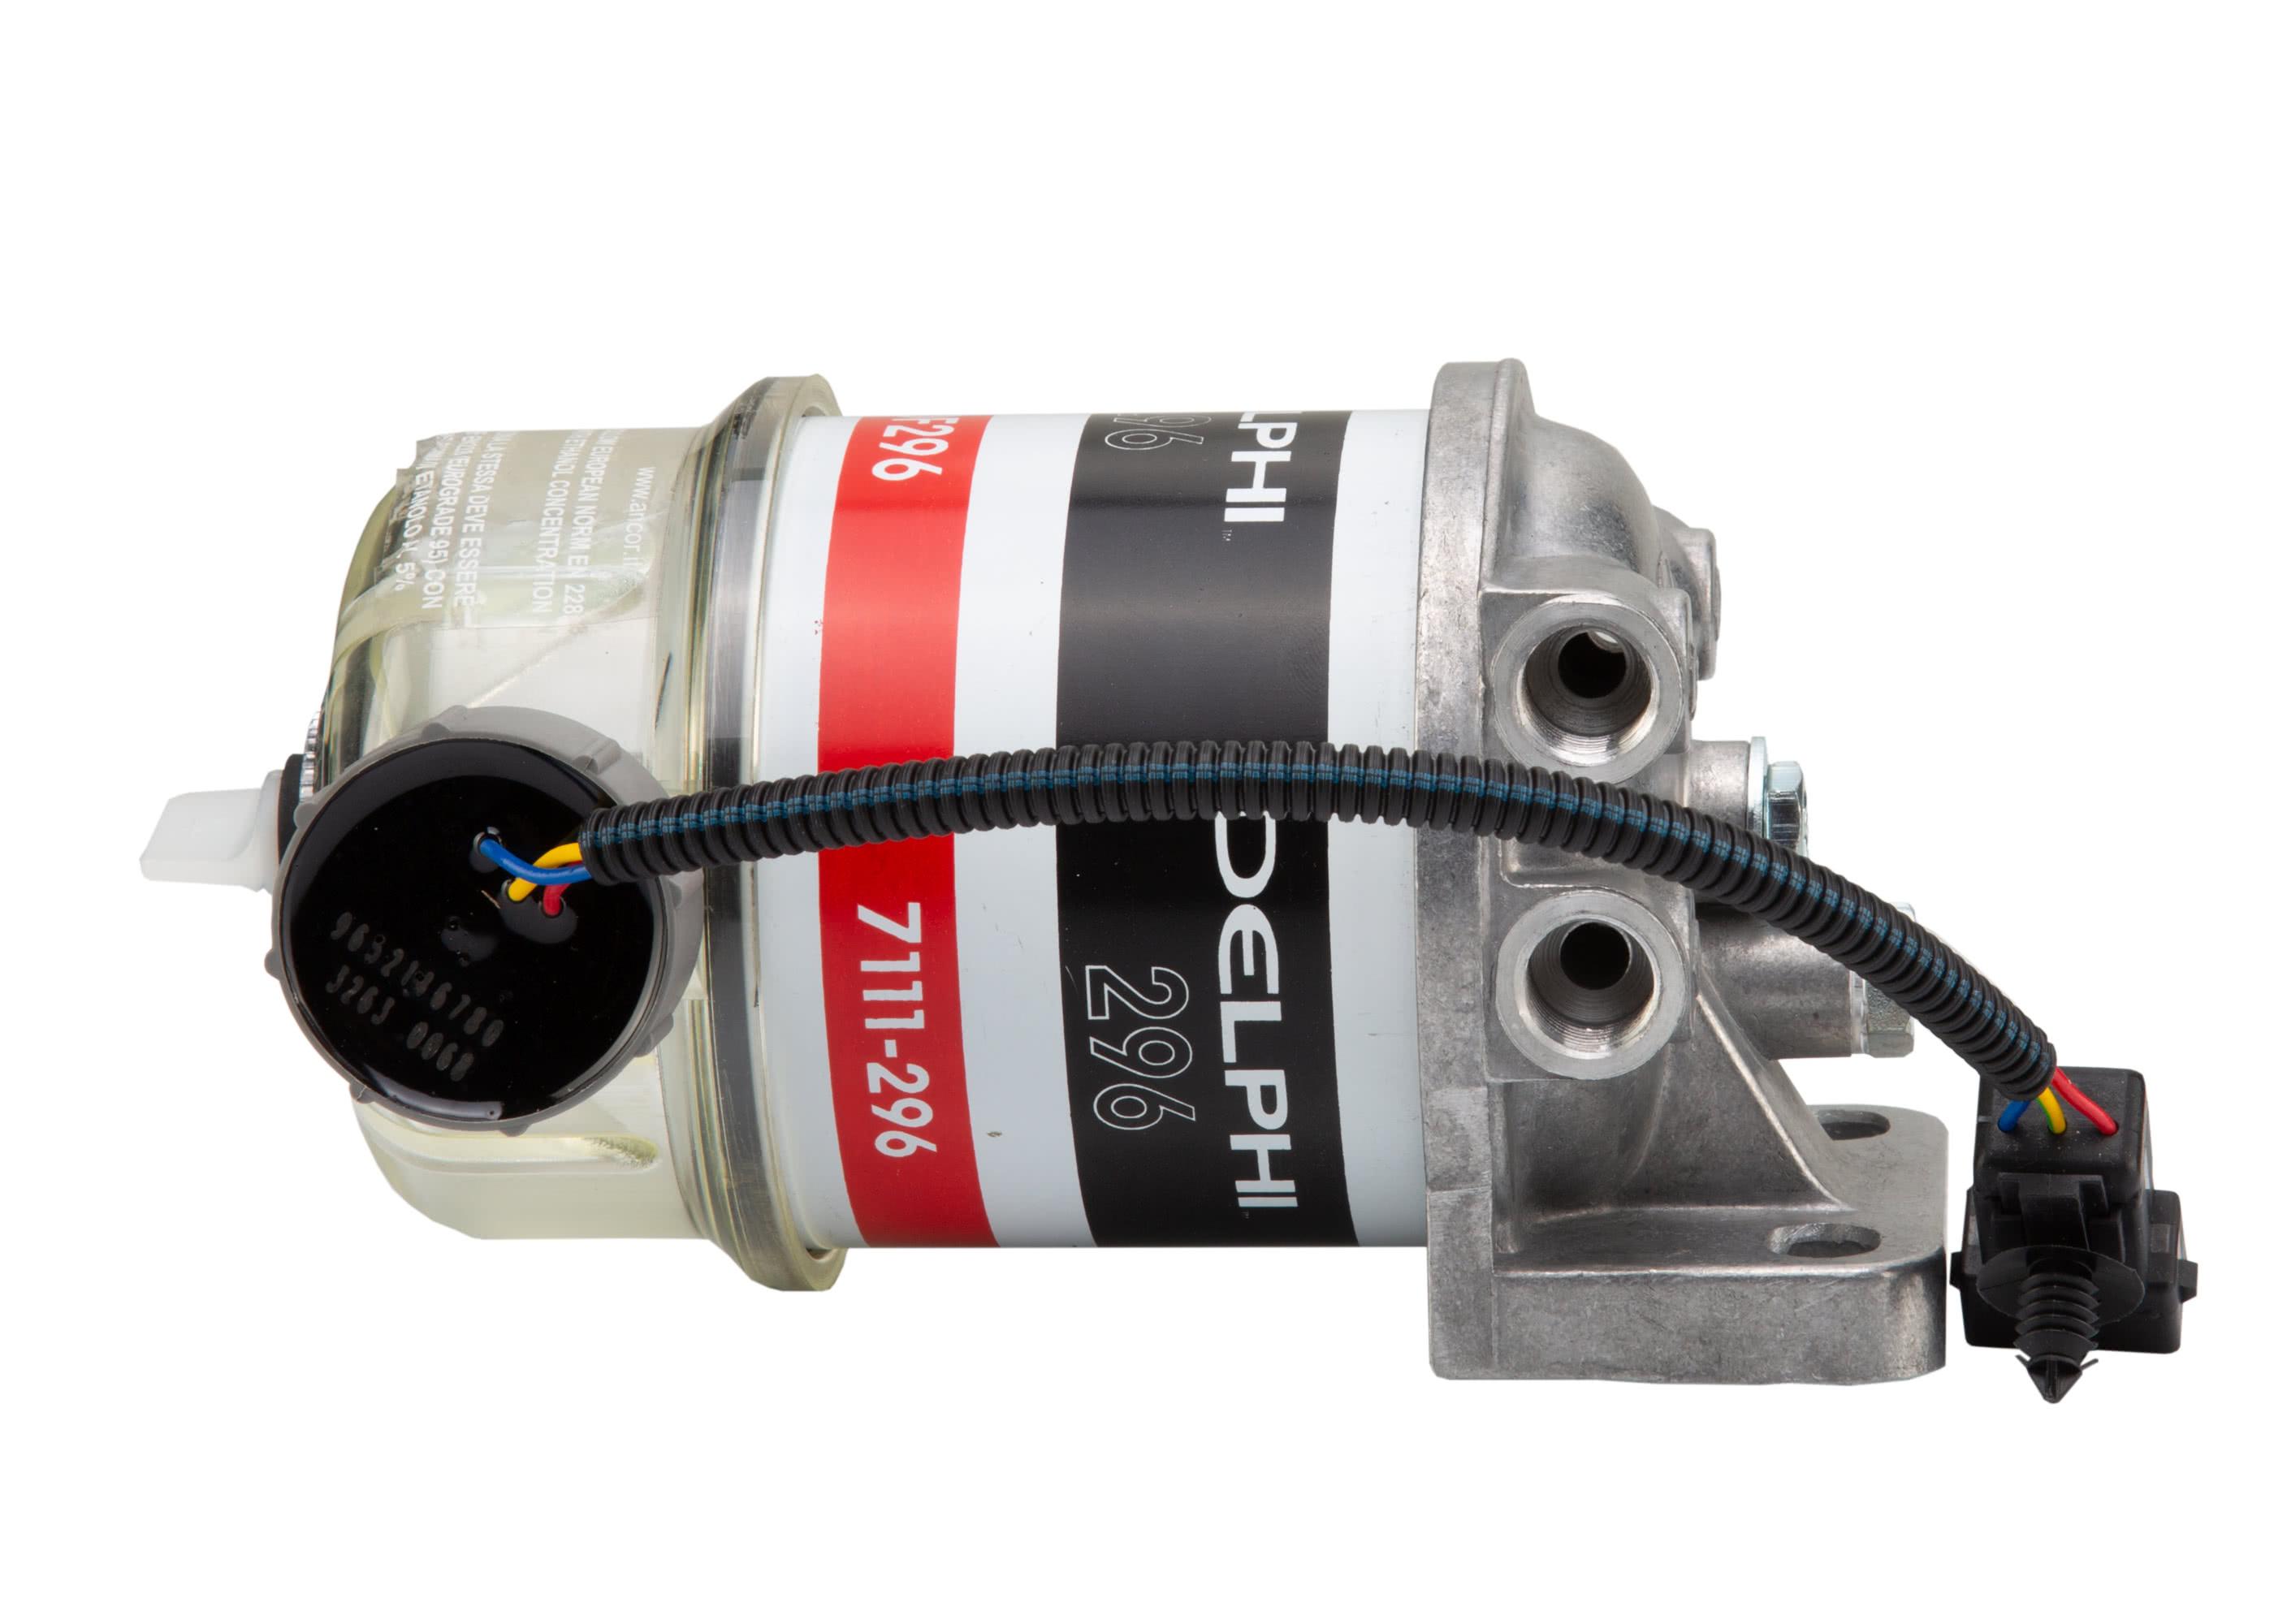 66404-Vorfilter und Wasserabscheider Typ CAV FLOW 50S-mit Wassersensor-bis 137 PS (100 kW)-3.jpg